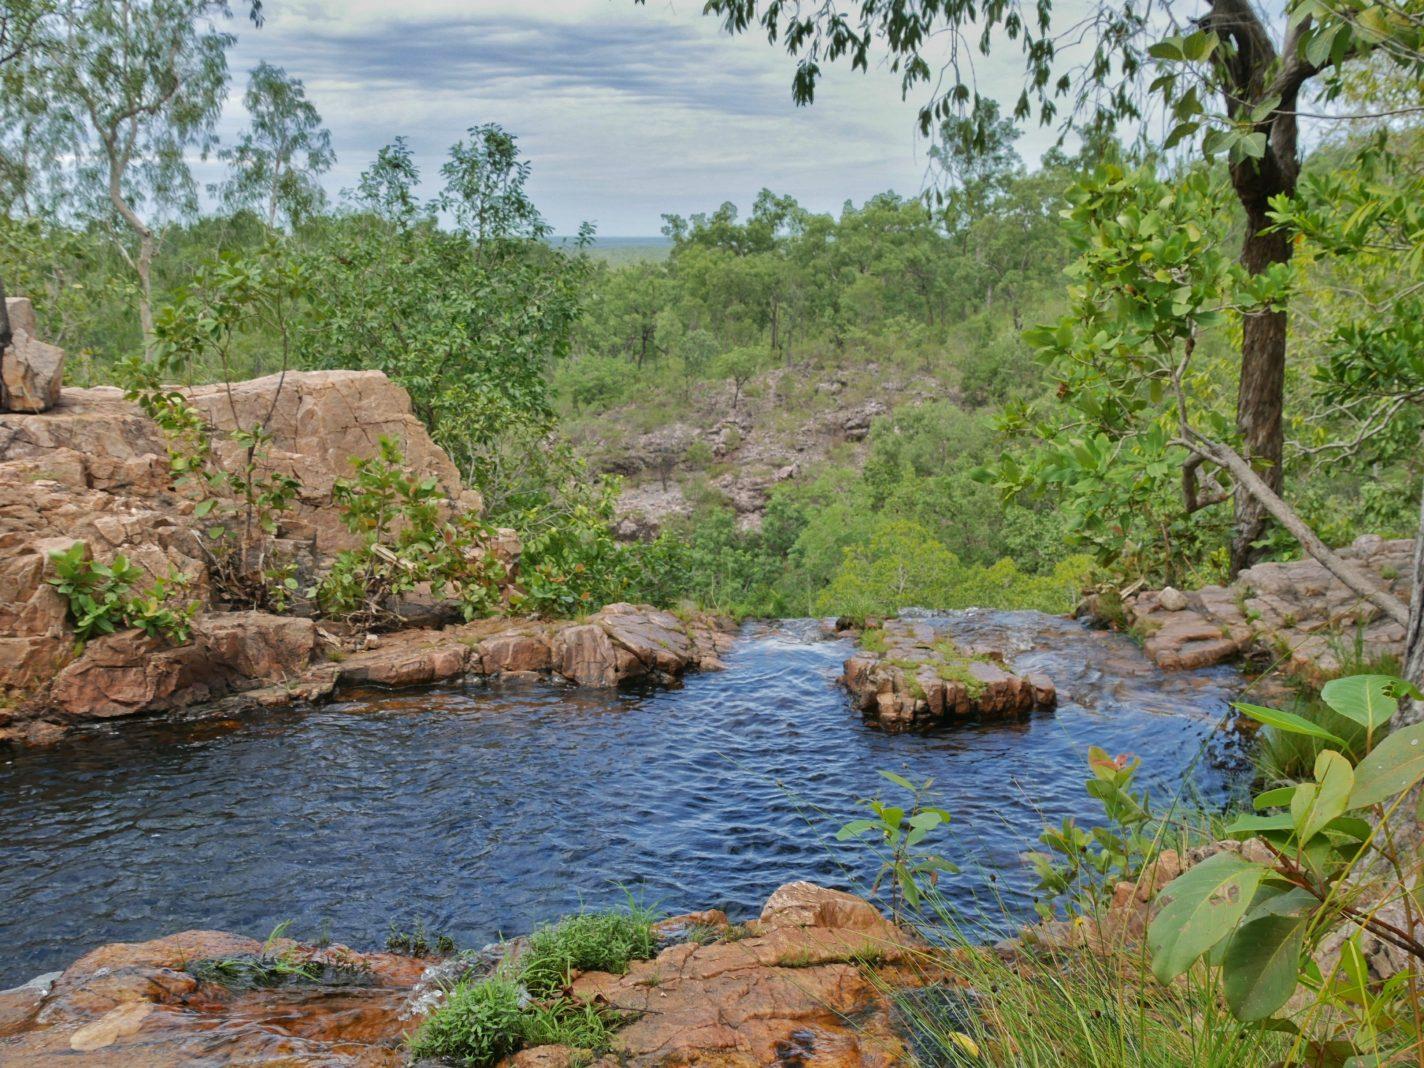 Tjaetaba Falls plunge pool